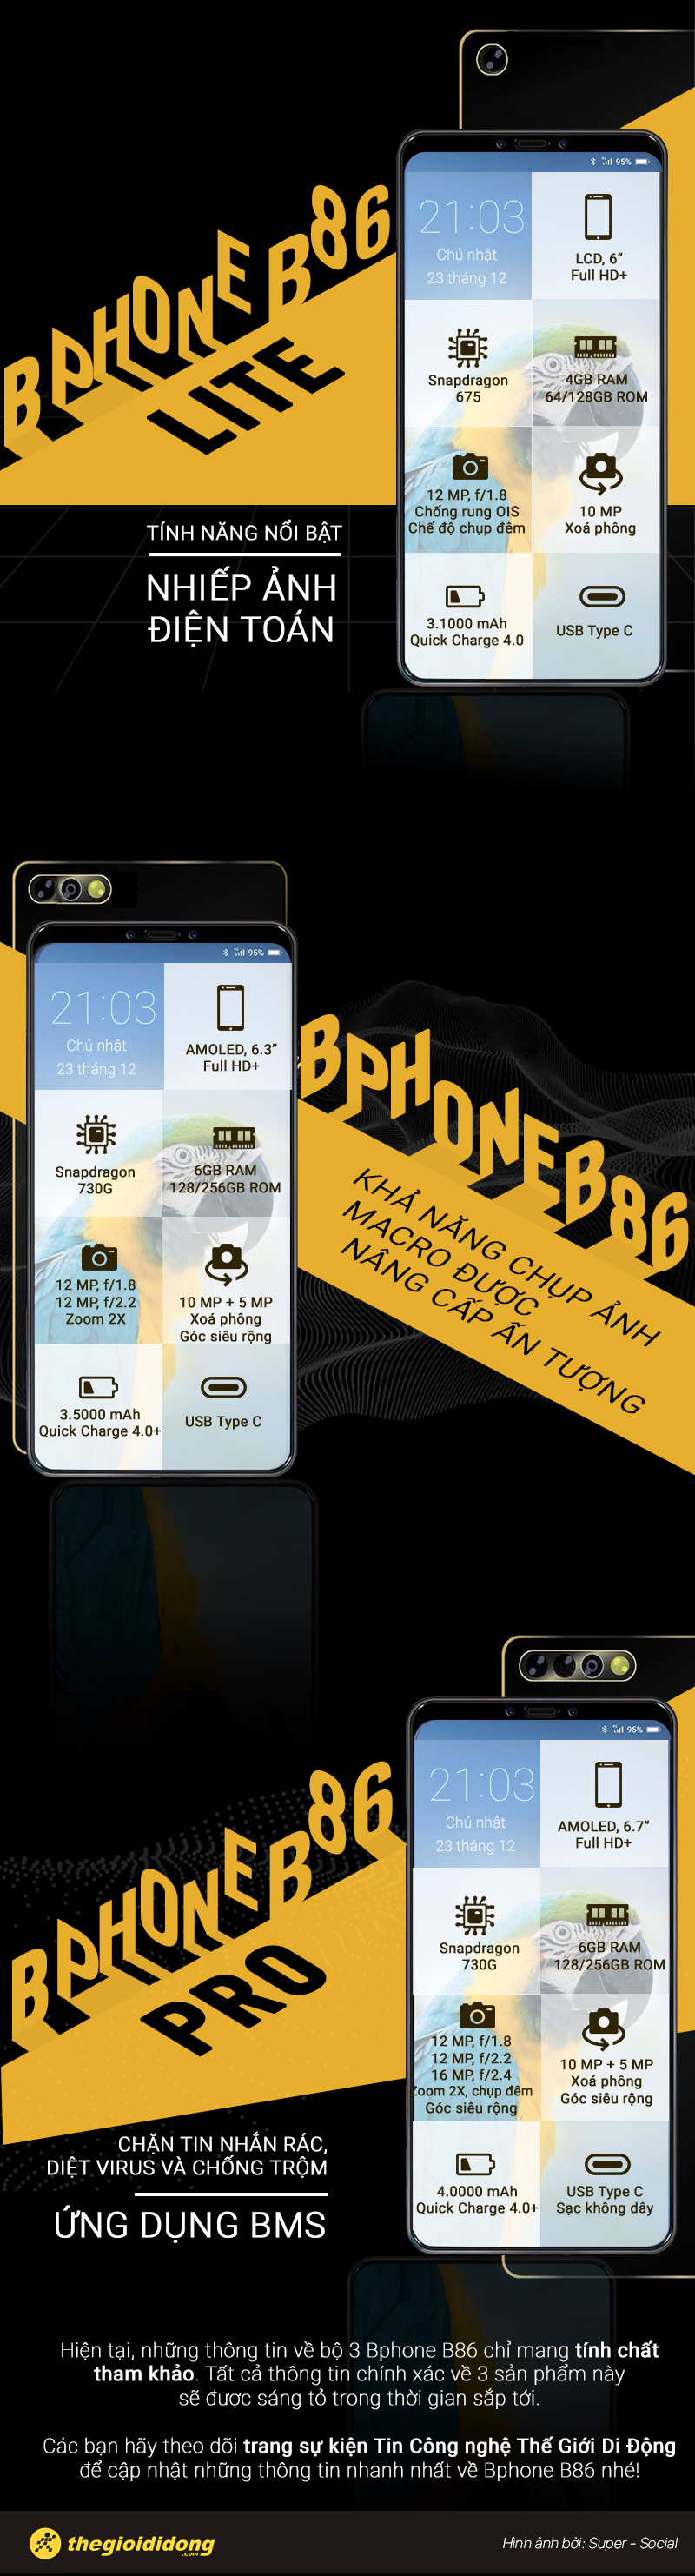 Sự kiện ra mắt Bphone B86